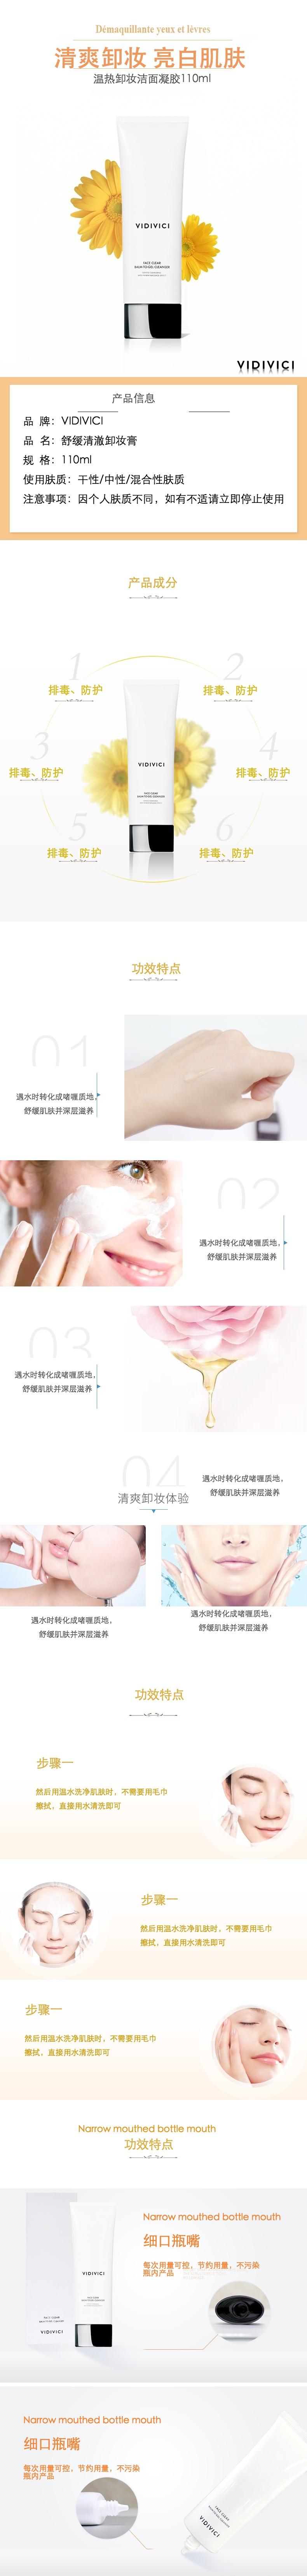 简约清新时尚美妆护肤品电商详情图